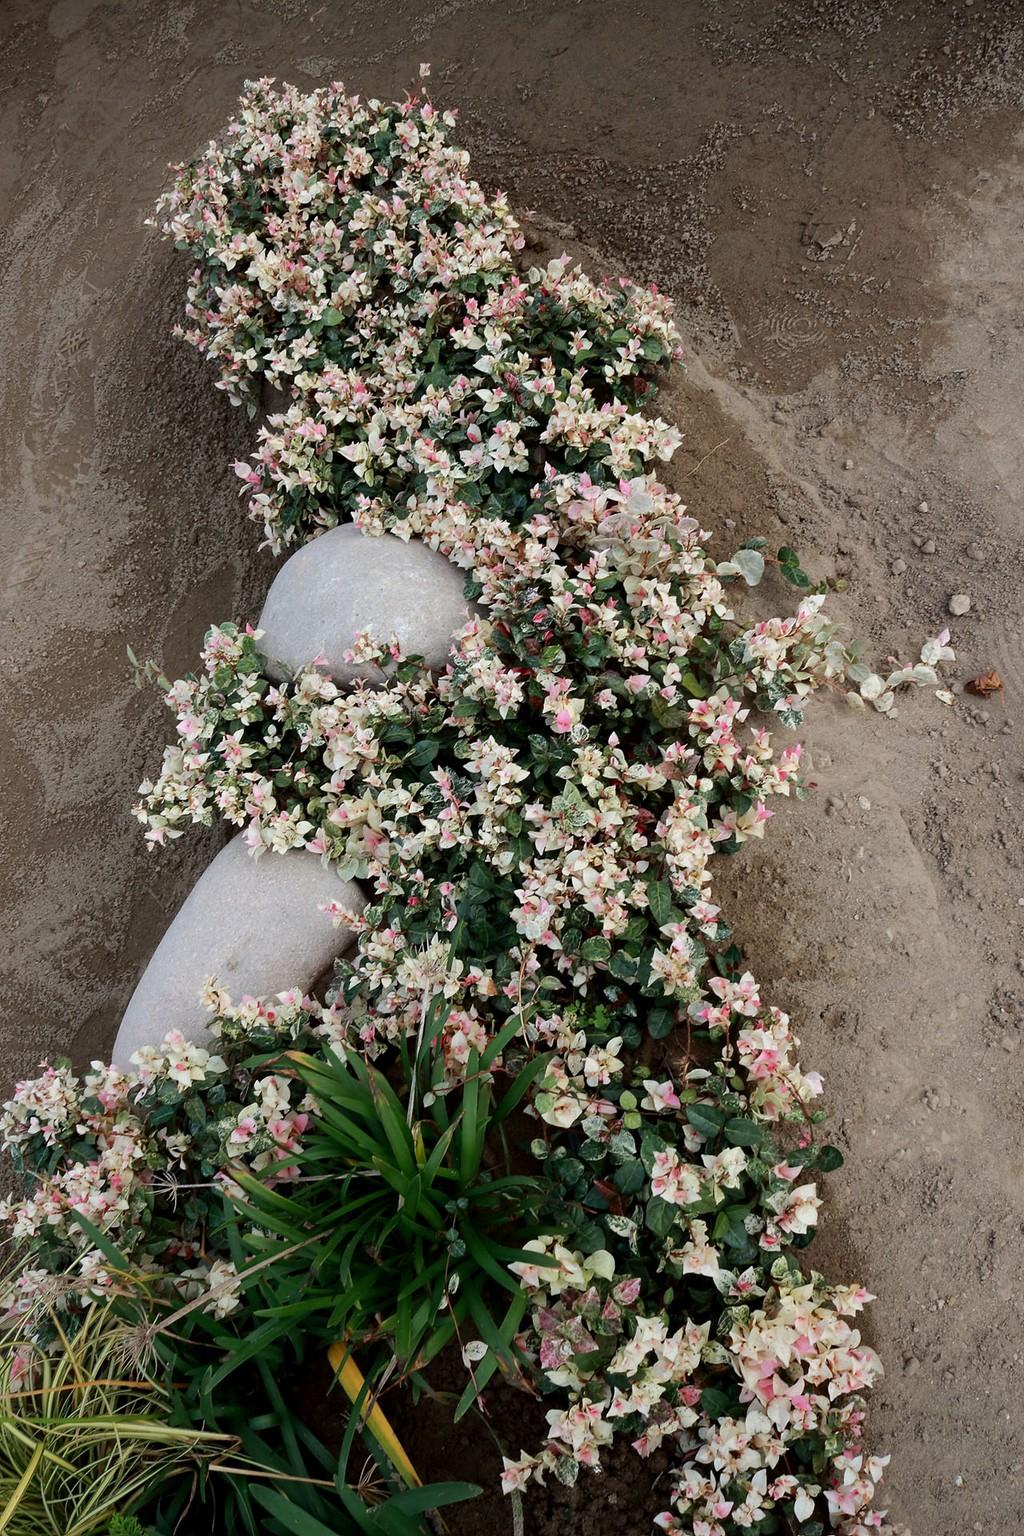 Concorso giardini Verdeggiando_35 NAUTILUS (DL4X4) Davide Cerruto – Walter Coccia – Emanuela Missanelli – Daniela Colombara